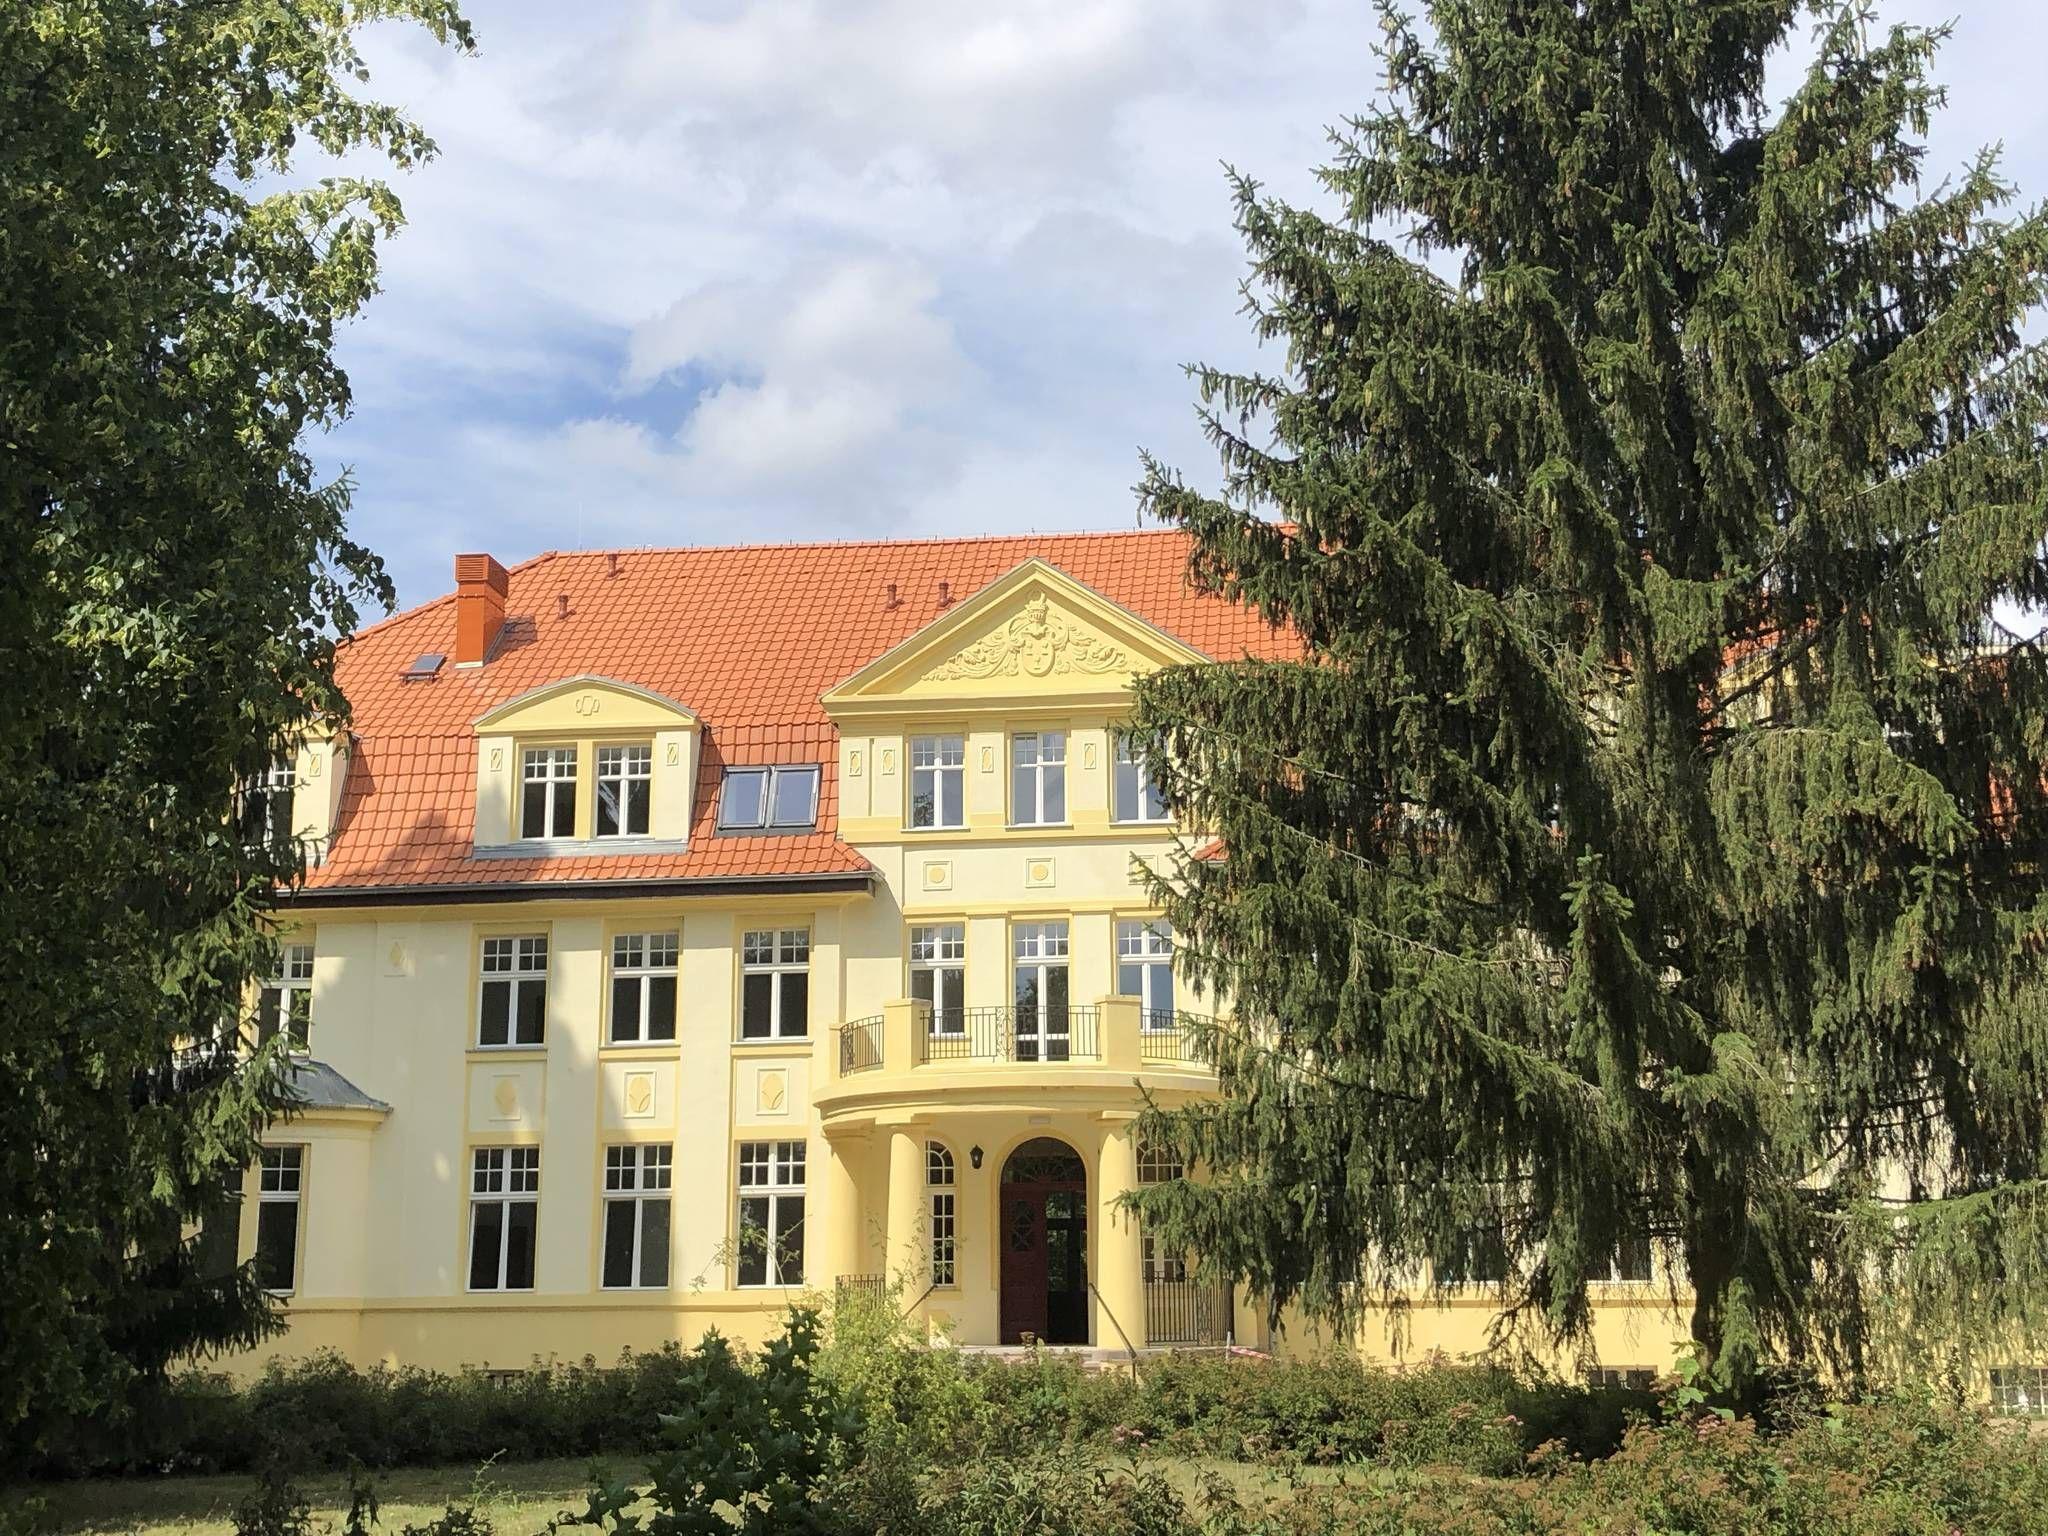 Schloss Und Gutspark Biesendahlshof Casekow Uckermark Wandertipps Fotos Komoot Schloss Wandertipps Fotos